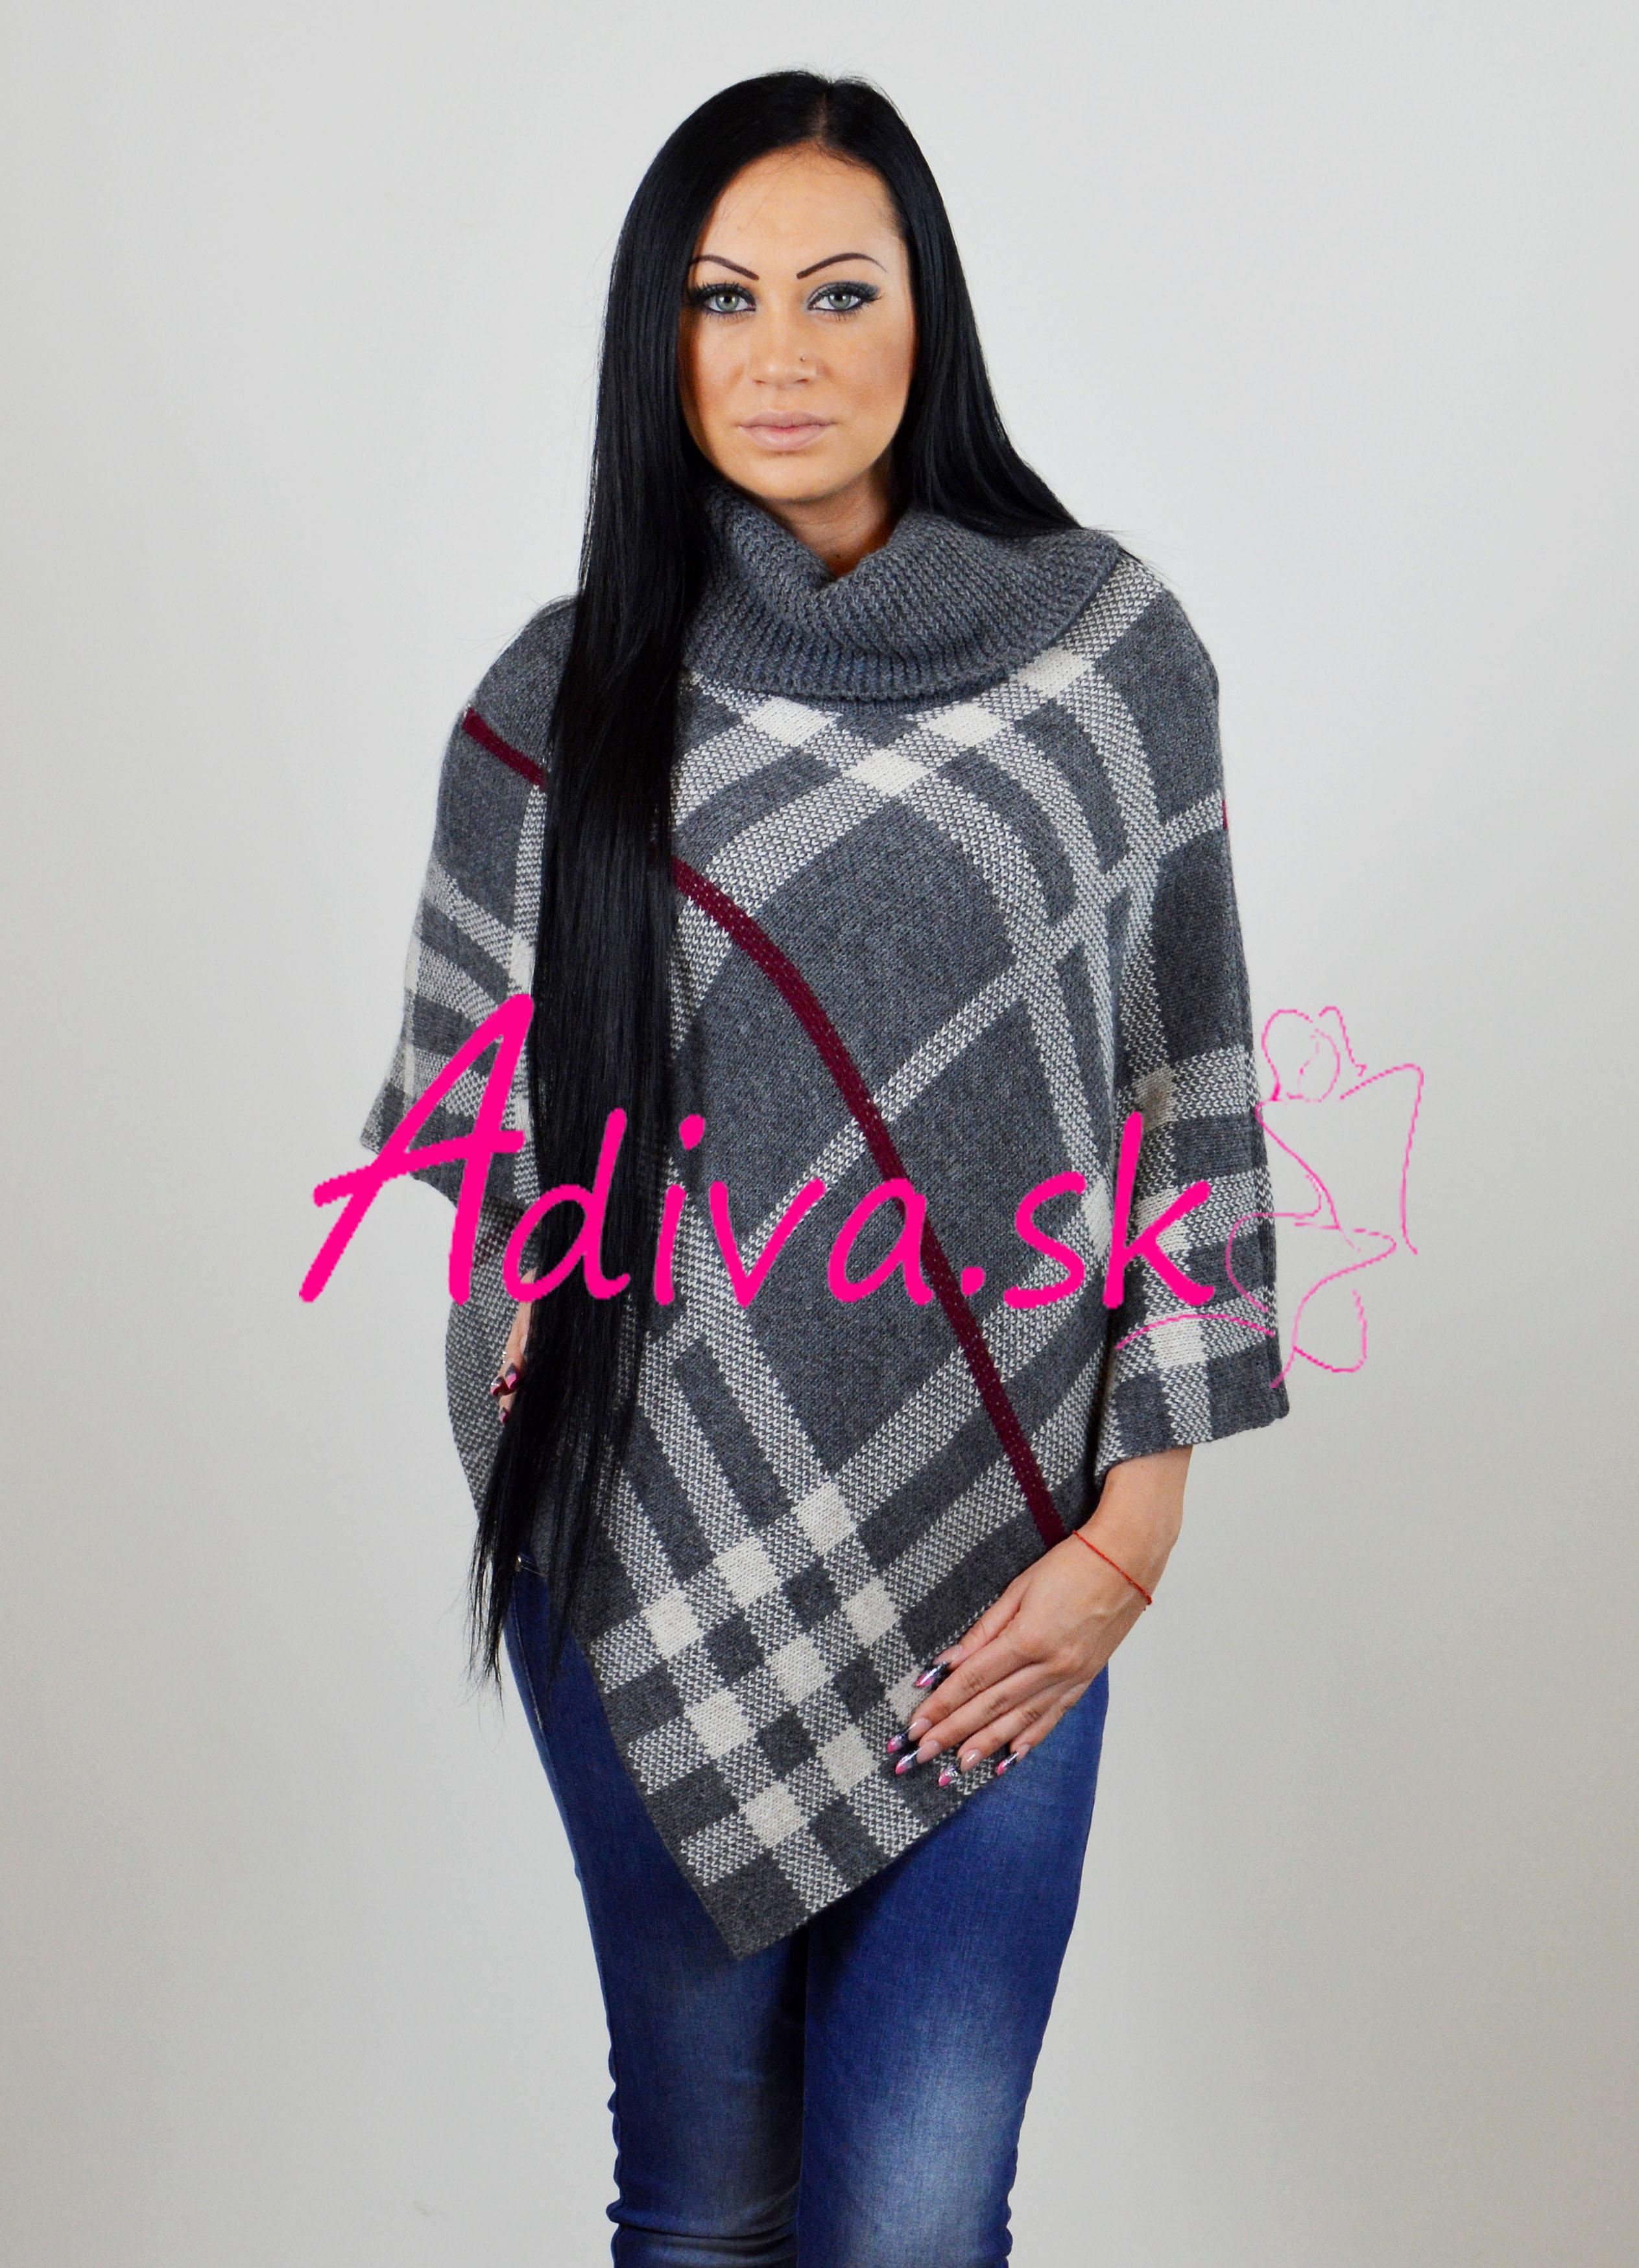 85e27f074dc2 Veľmi dobrým online obchodom je obchod www.adiva.sk Tento trendy eshop vám  ponúka krásne kúsky dámskeho oblečenia